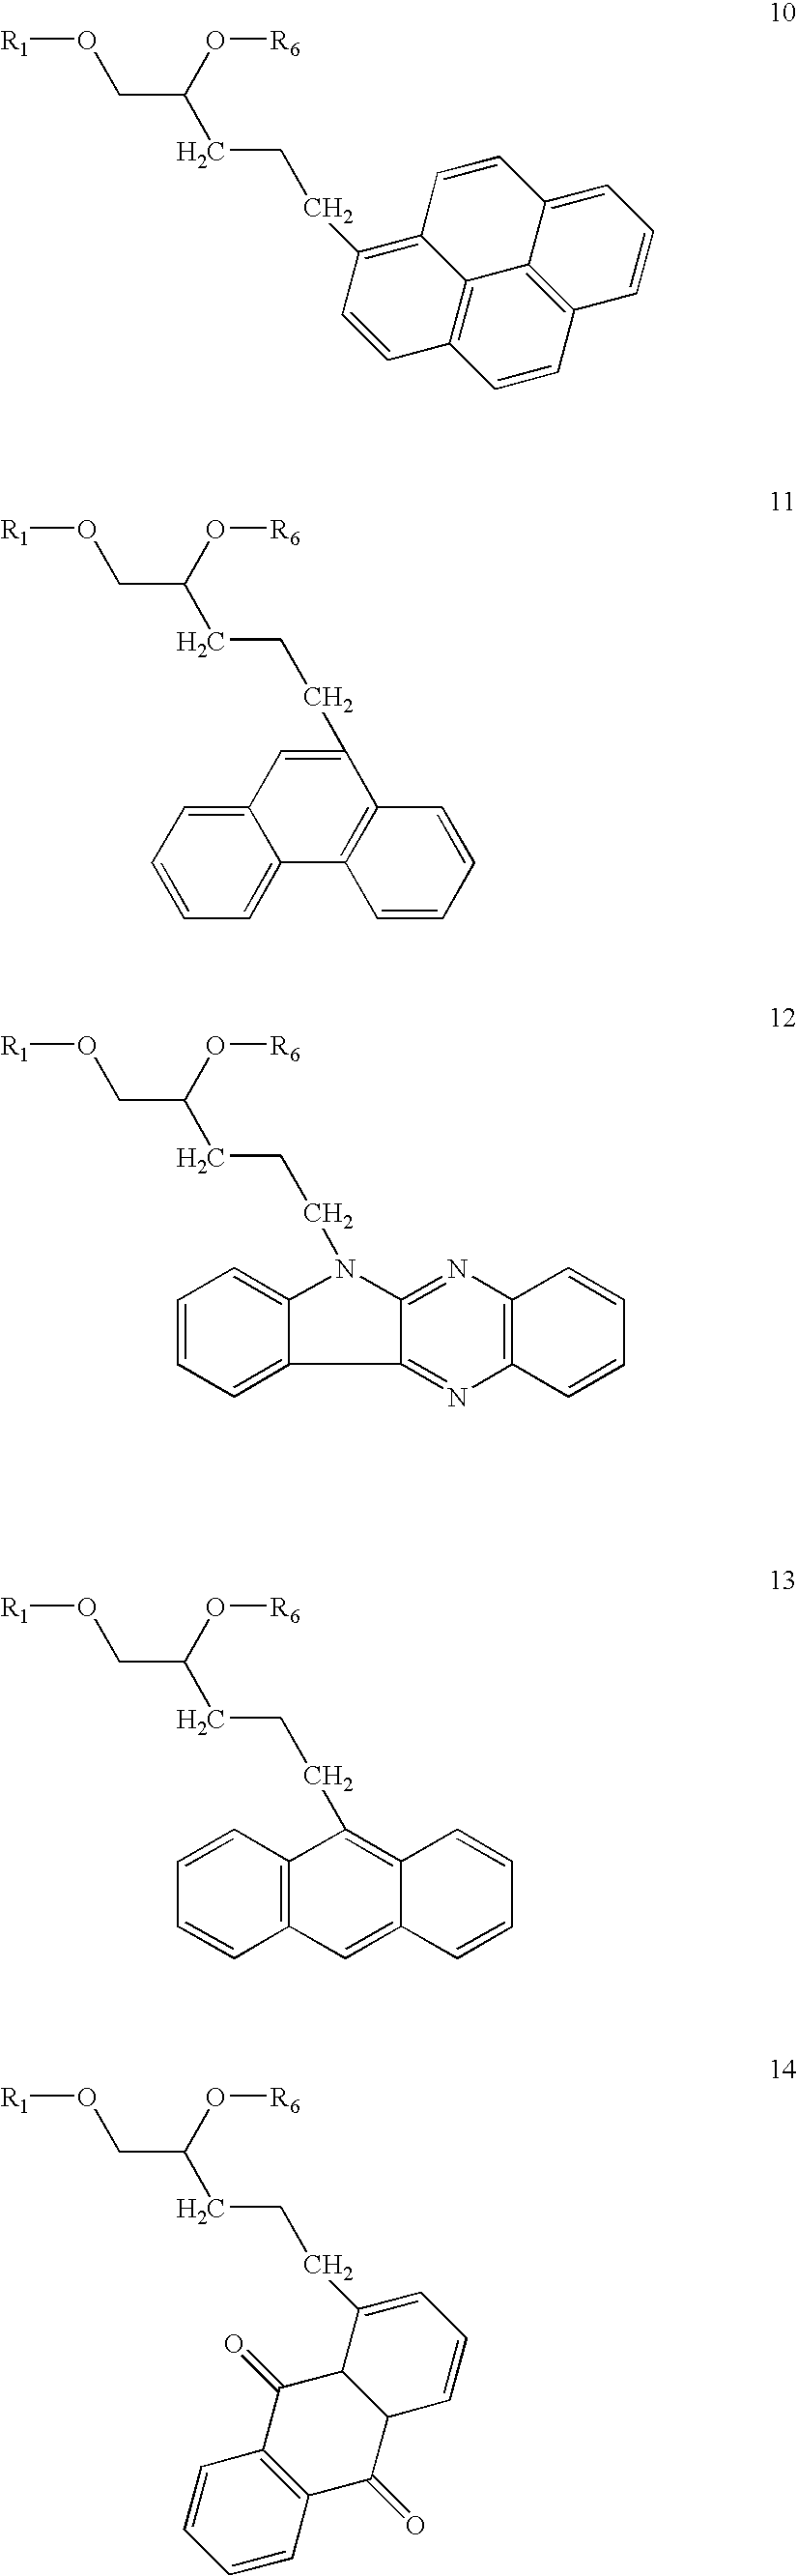 Figure US20060014144A1-20060119-C00089